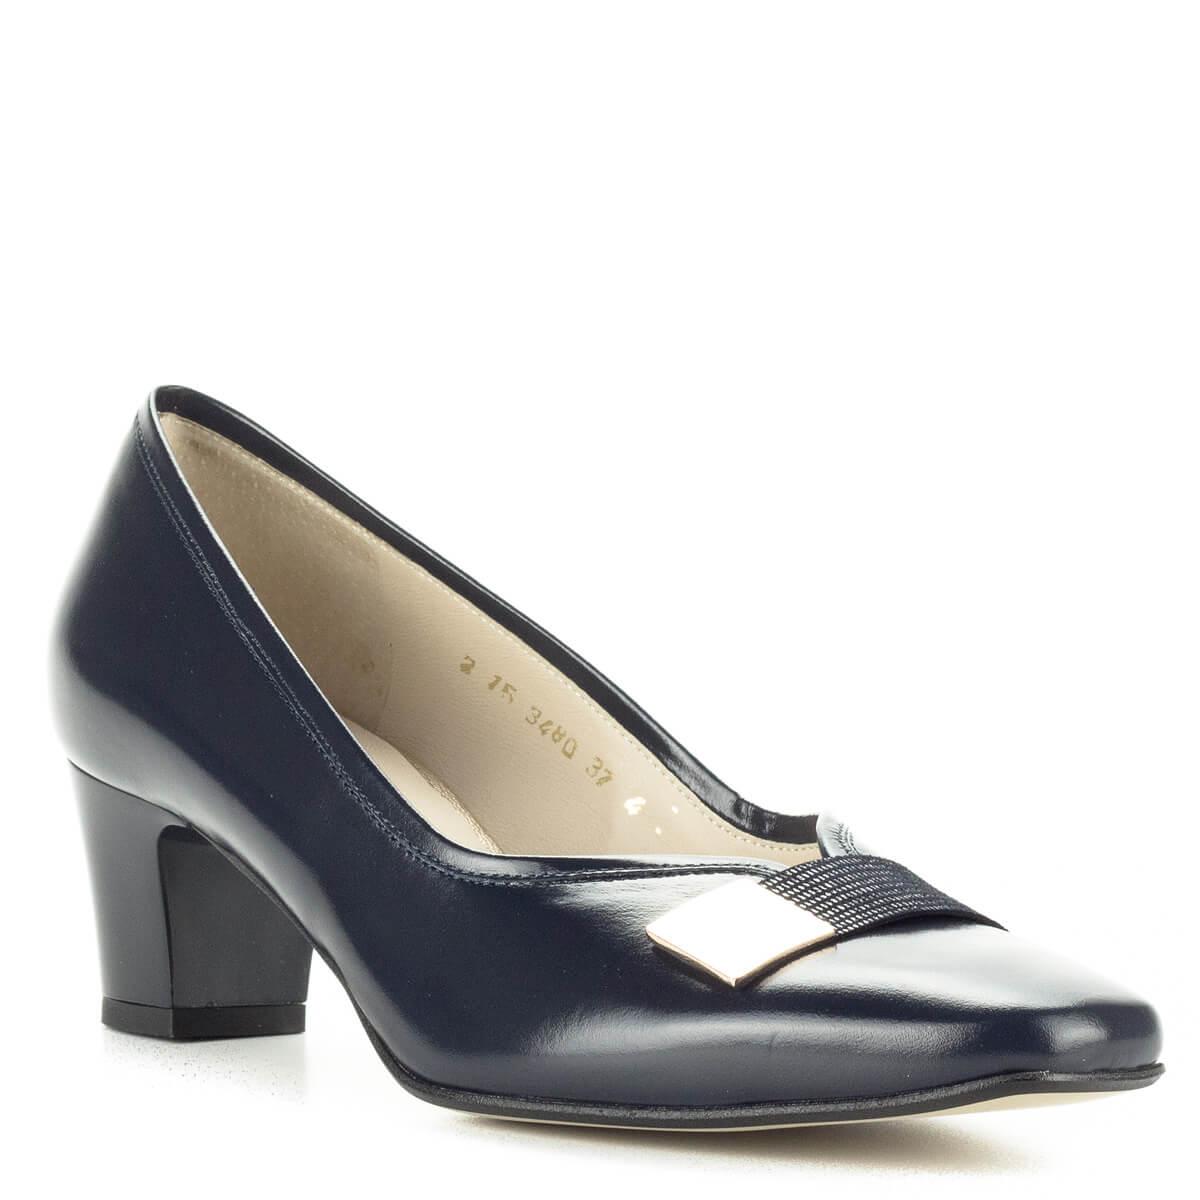 Hivatalos Női Cipők Női Utcai Cipők Anis cipő sötétkék kis